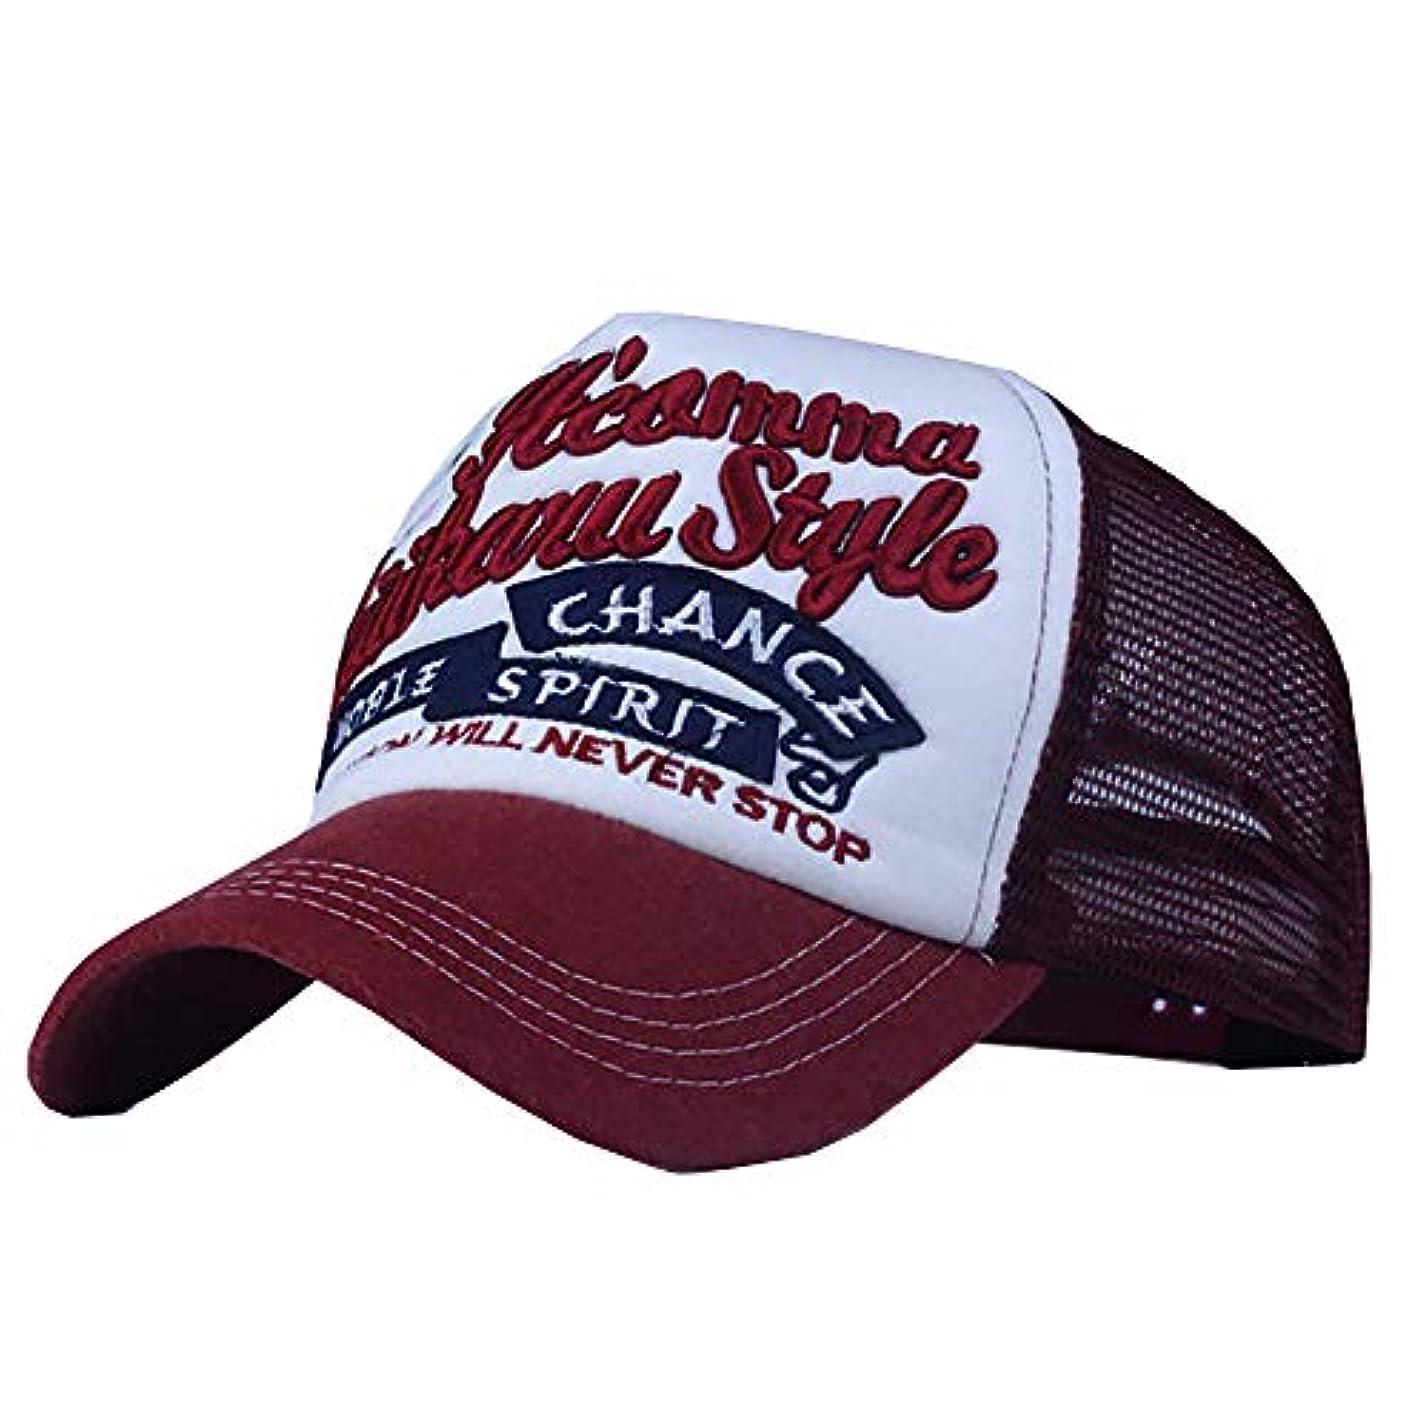 上記の頭と肩続編まっすぐRacazing パッチワーク 野球帽 ヒップホップ メンズ 夏 登山 帽子メッシュ 可調整可能 プラスベルベット 棒球帽 UV 帽子 軽量 屋外 Unisex 鸭舌帽 Hat Cap